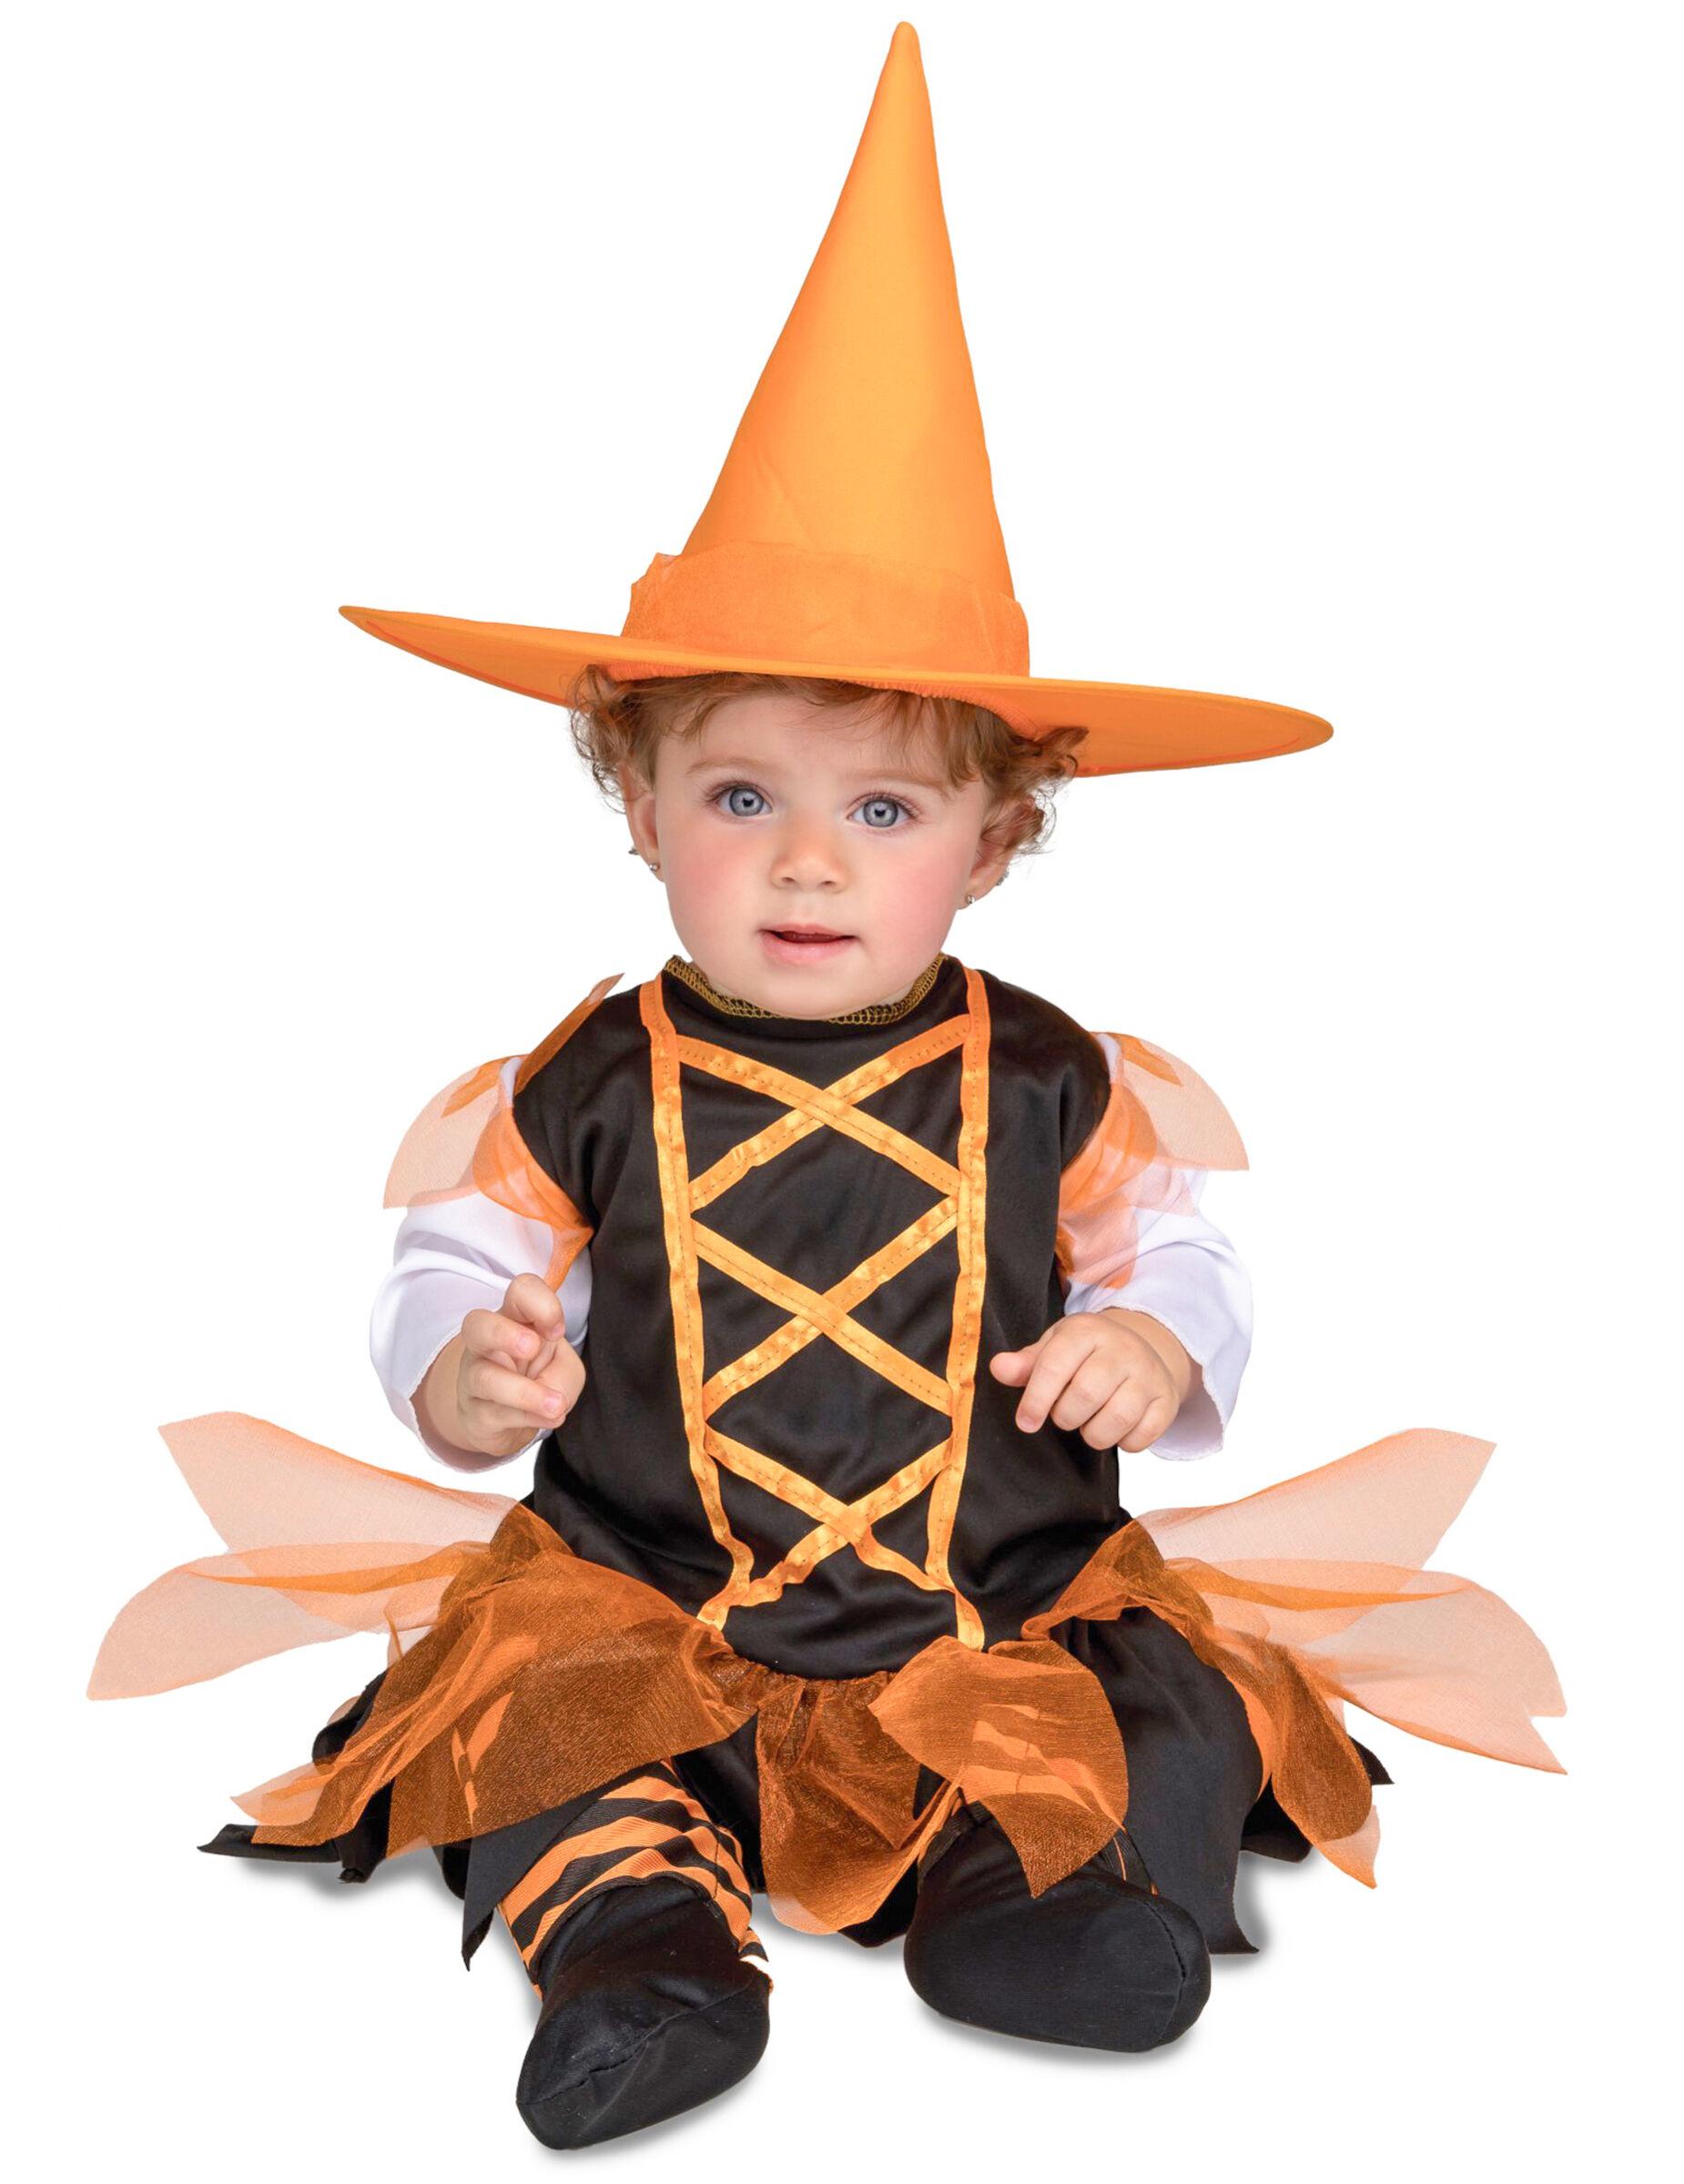 Deguisetoi Déguisement petite sorcière orange bébé - Taille: 7 - 12 mois (74 - 80 cm)